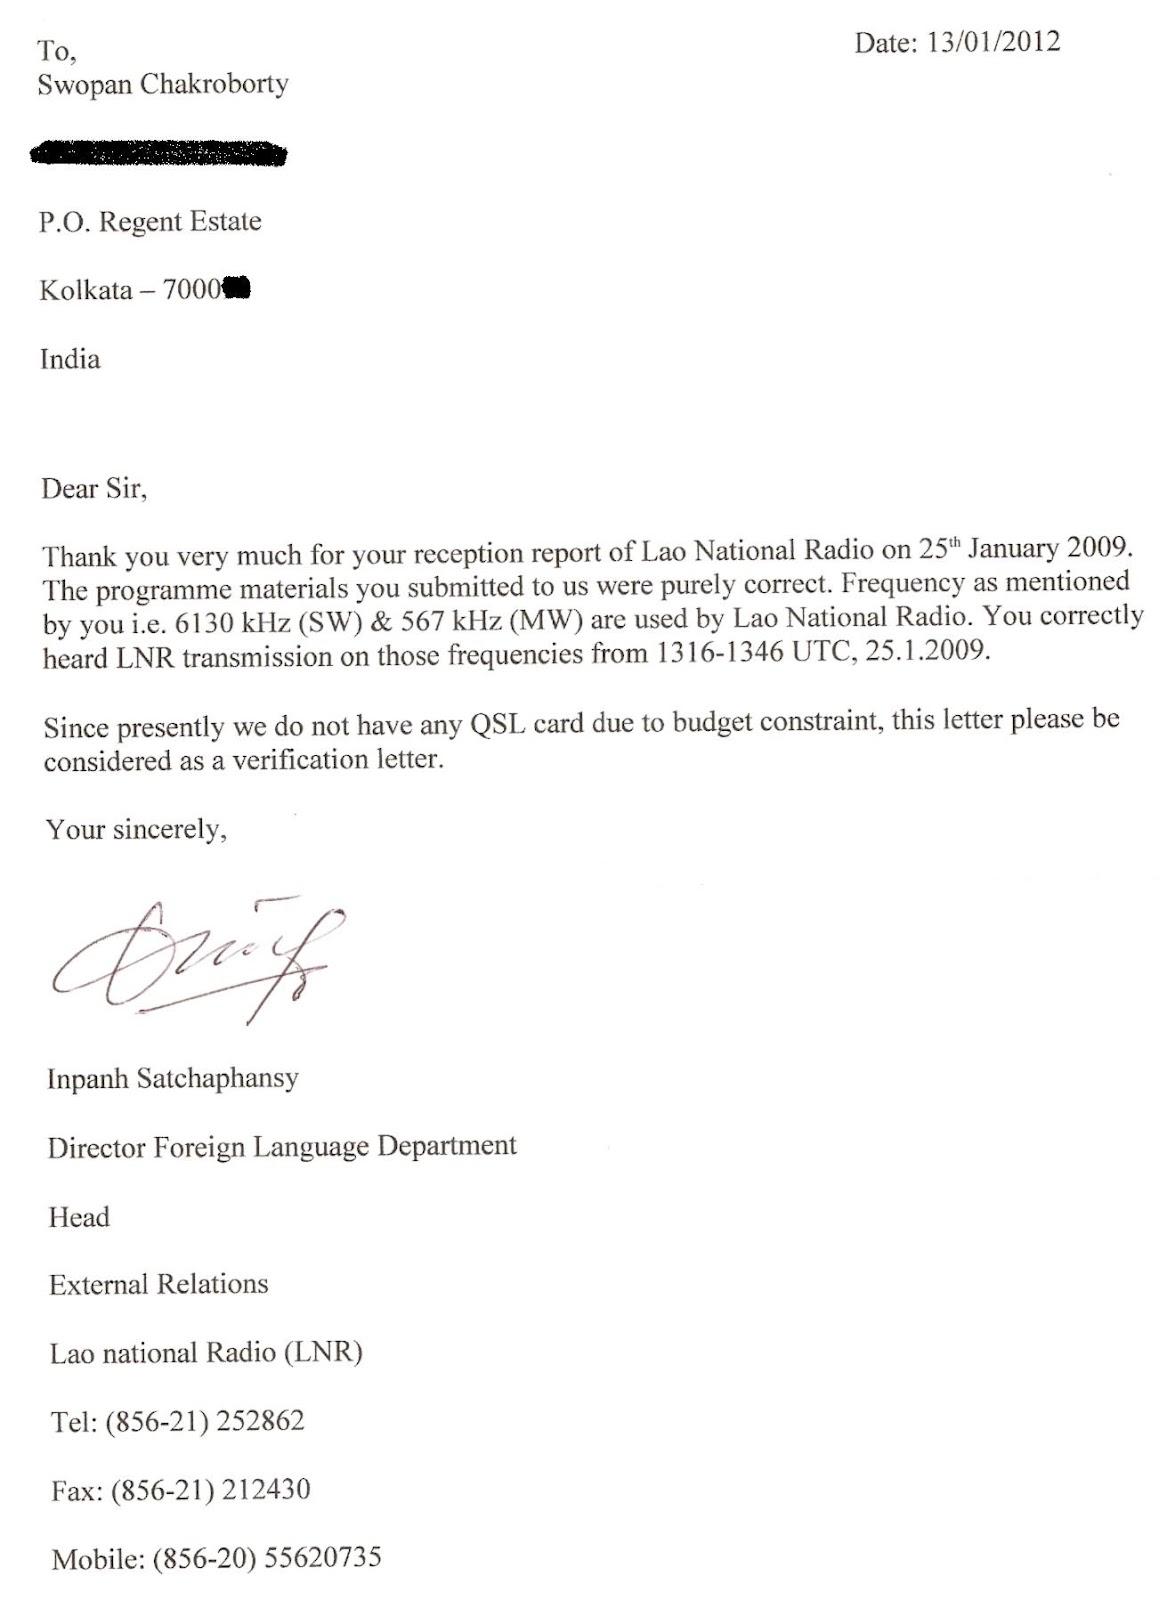 Employment Verification Request Letter Format Template Buzzle Form